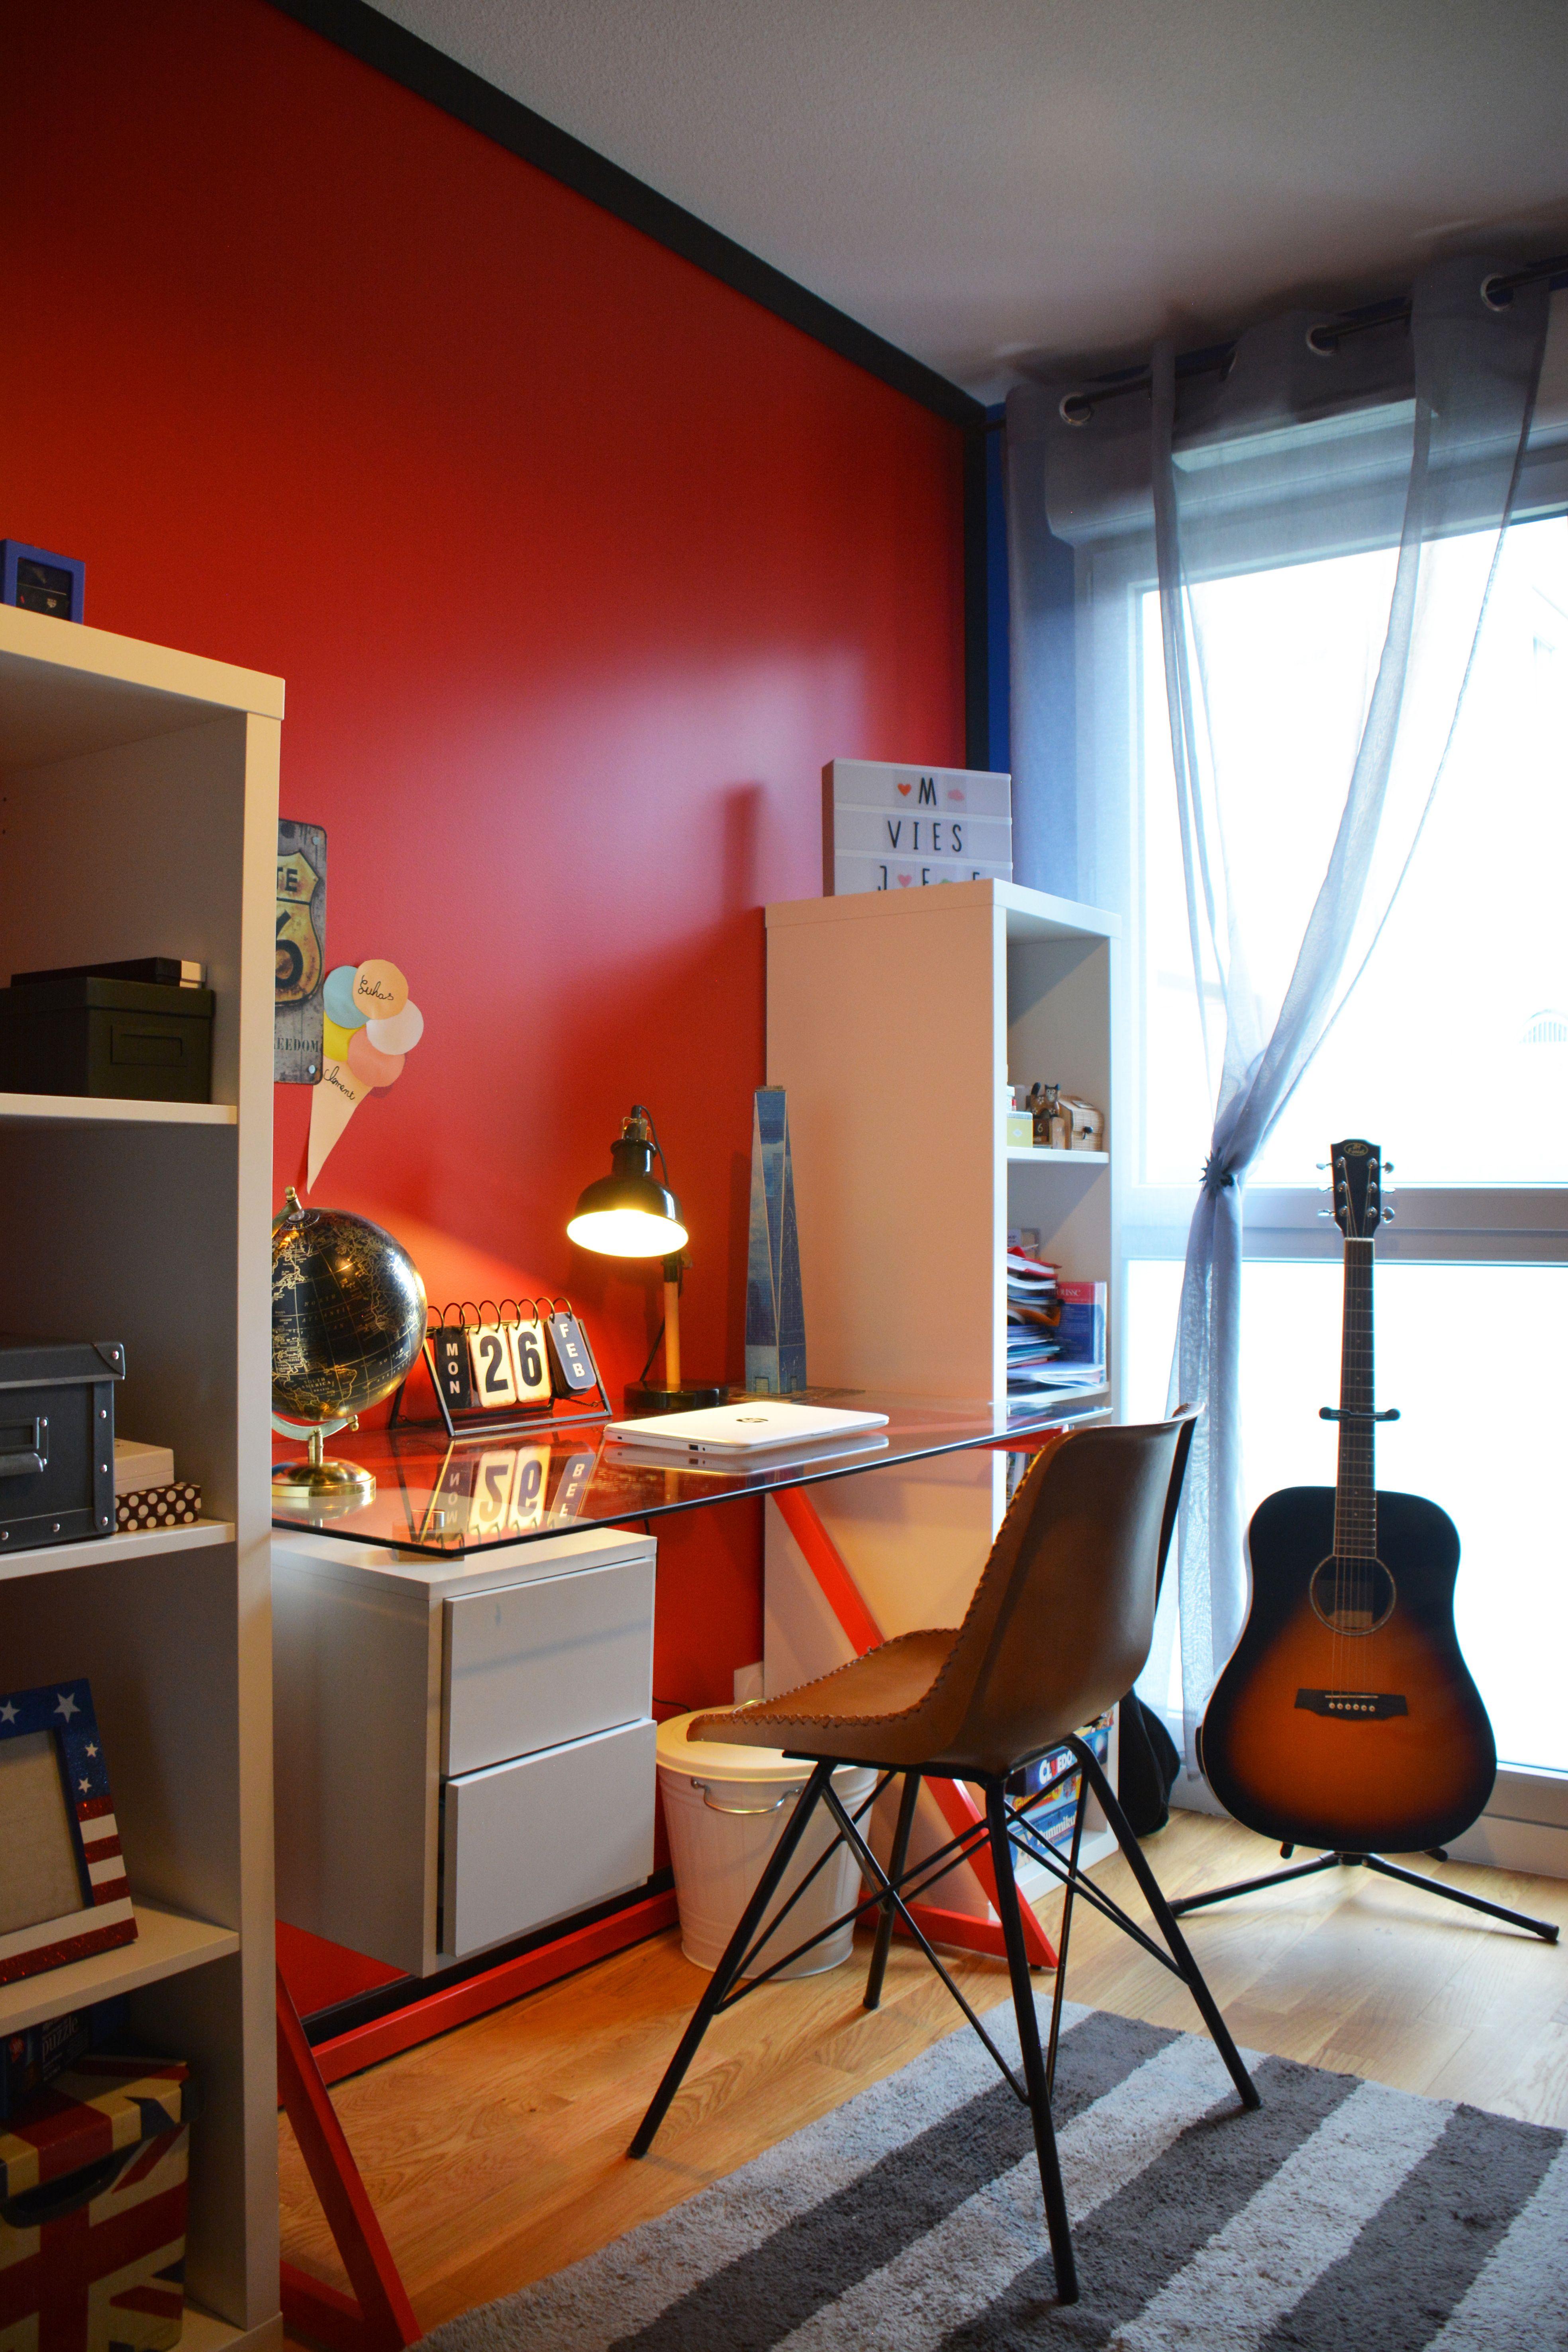 Chambre Ado Sur Le Thème De Londres USA Dans Les Tons Rouge Bleu Et Noir.